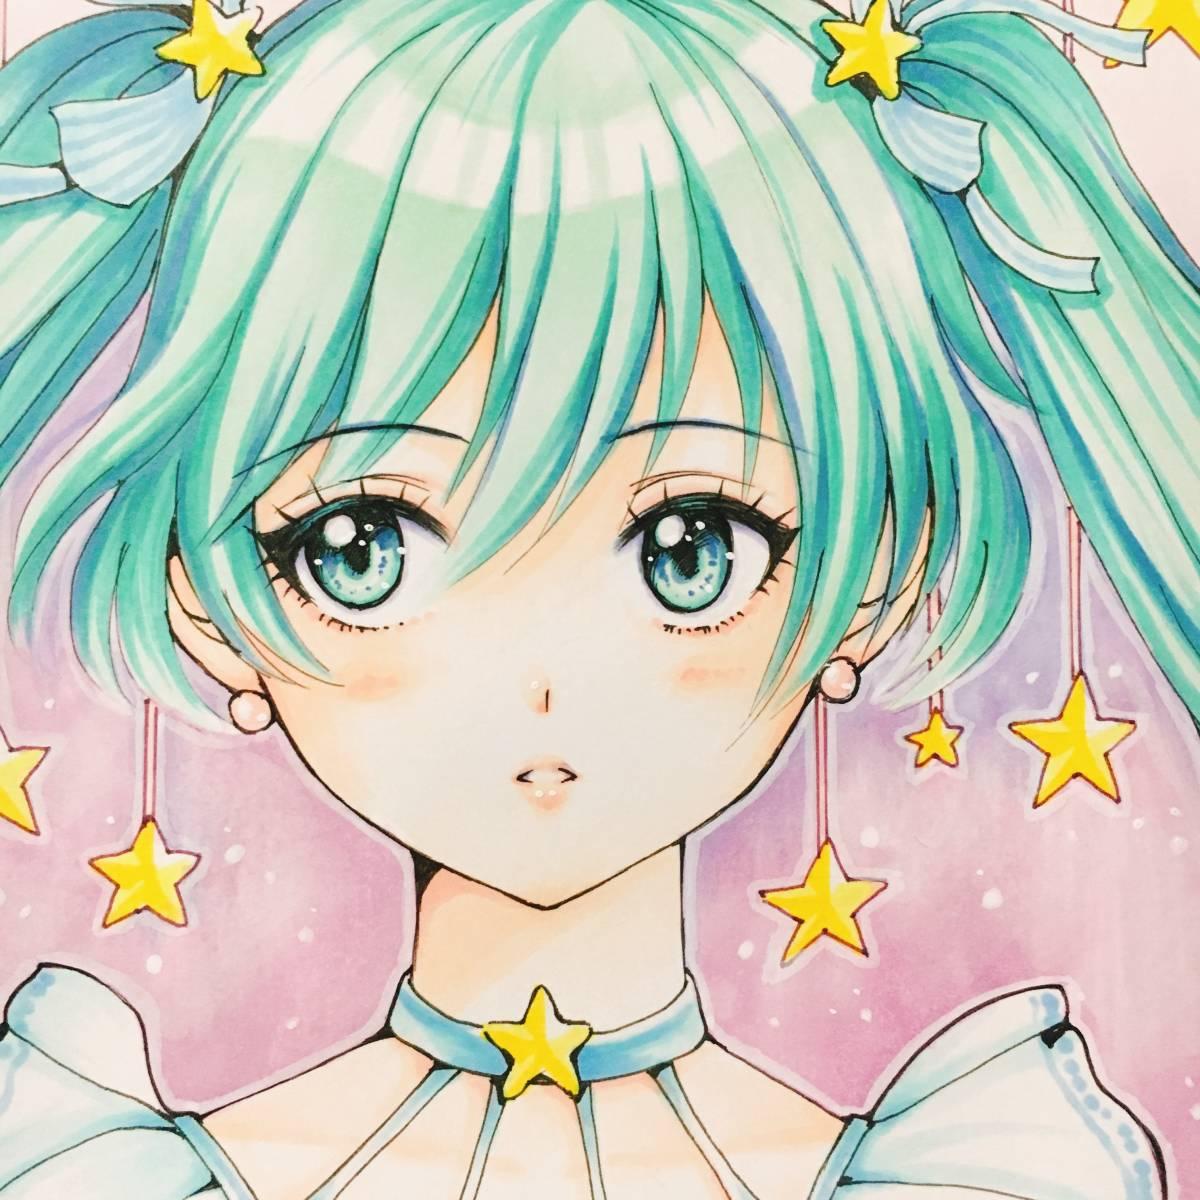 A4【初音ミク】Hatsune Miku ★同人手描きイラスト★星_画像1